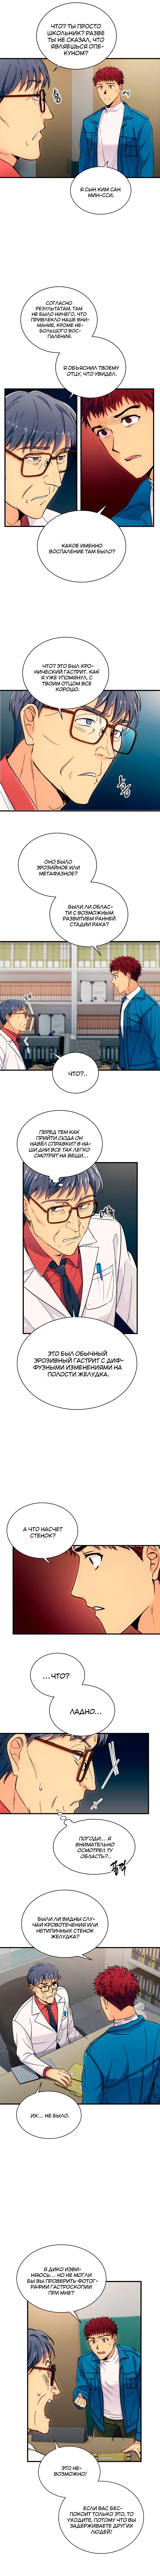 Манга Реинкарнация врача / Medical Reincarnation  - Том 1 Глава 9 Страница 4